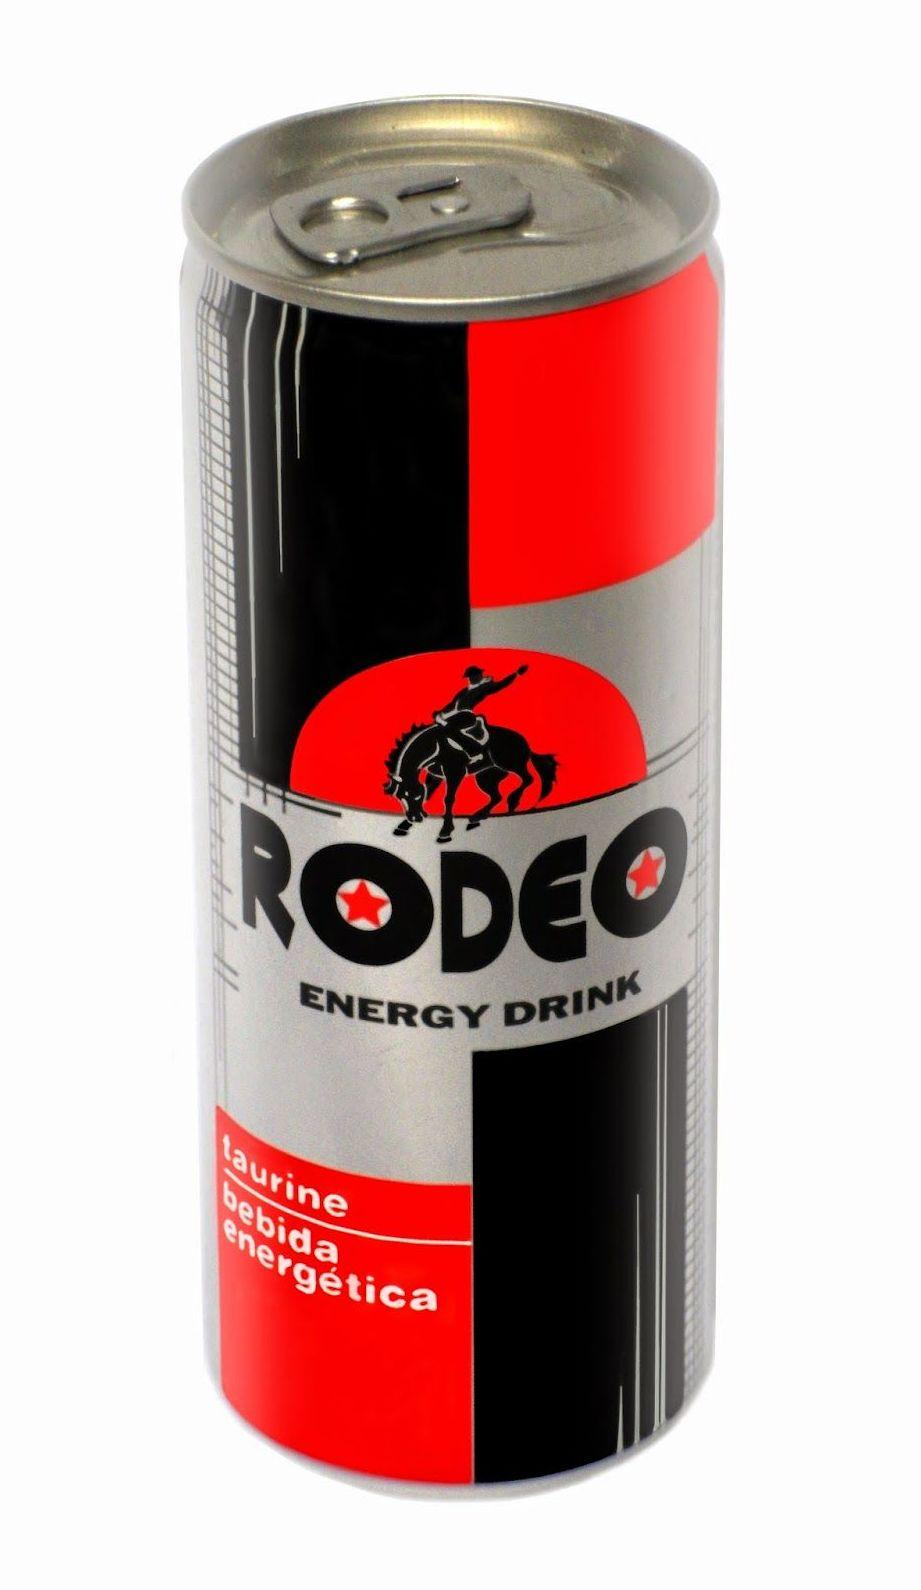 Bebida energetica RODEO: Productos of Sarigabo, S. L.